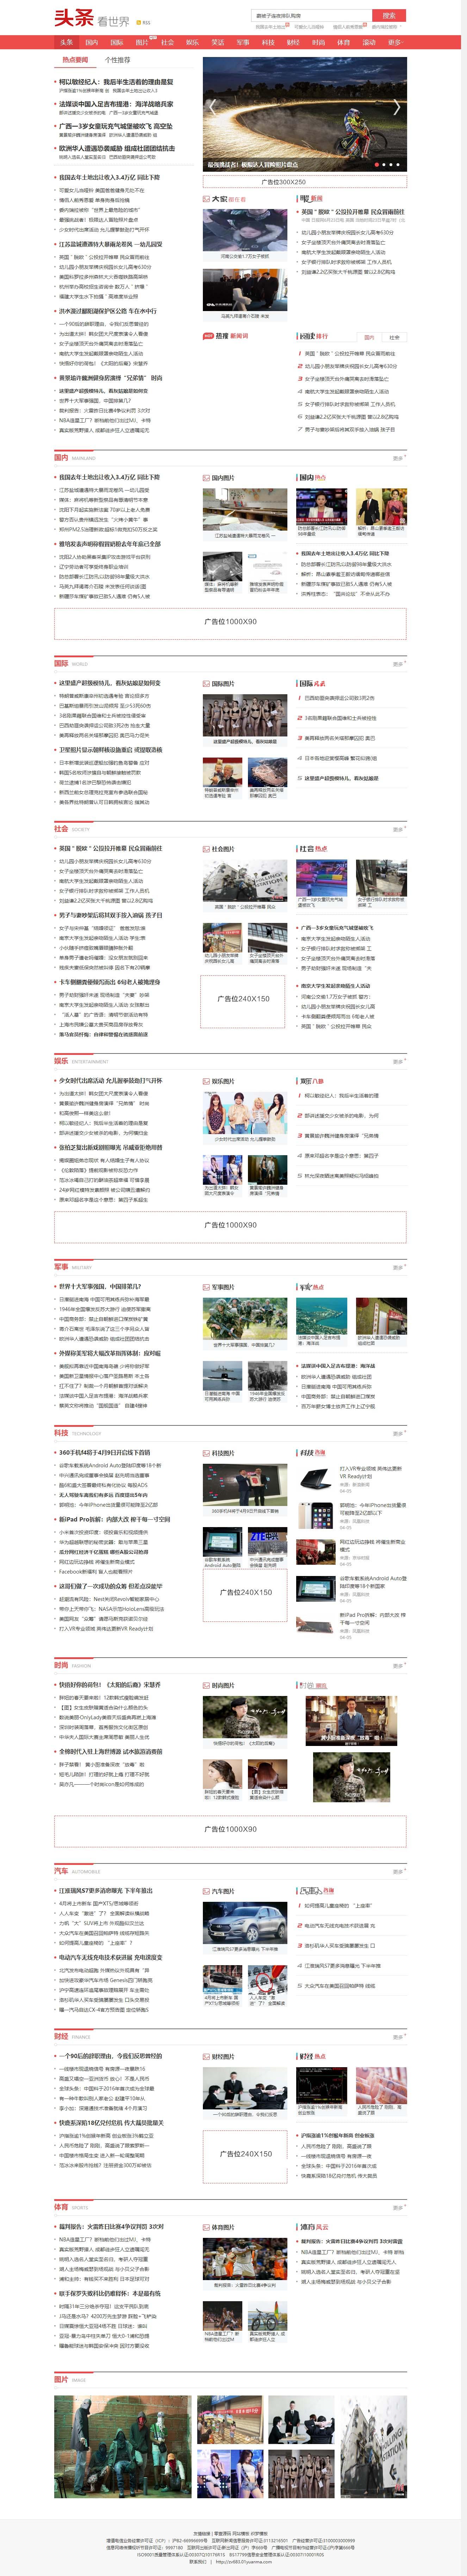 仿东方头条新闻资讯织梦dedecms模板(带手机端)